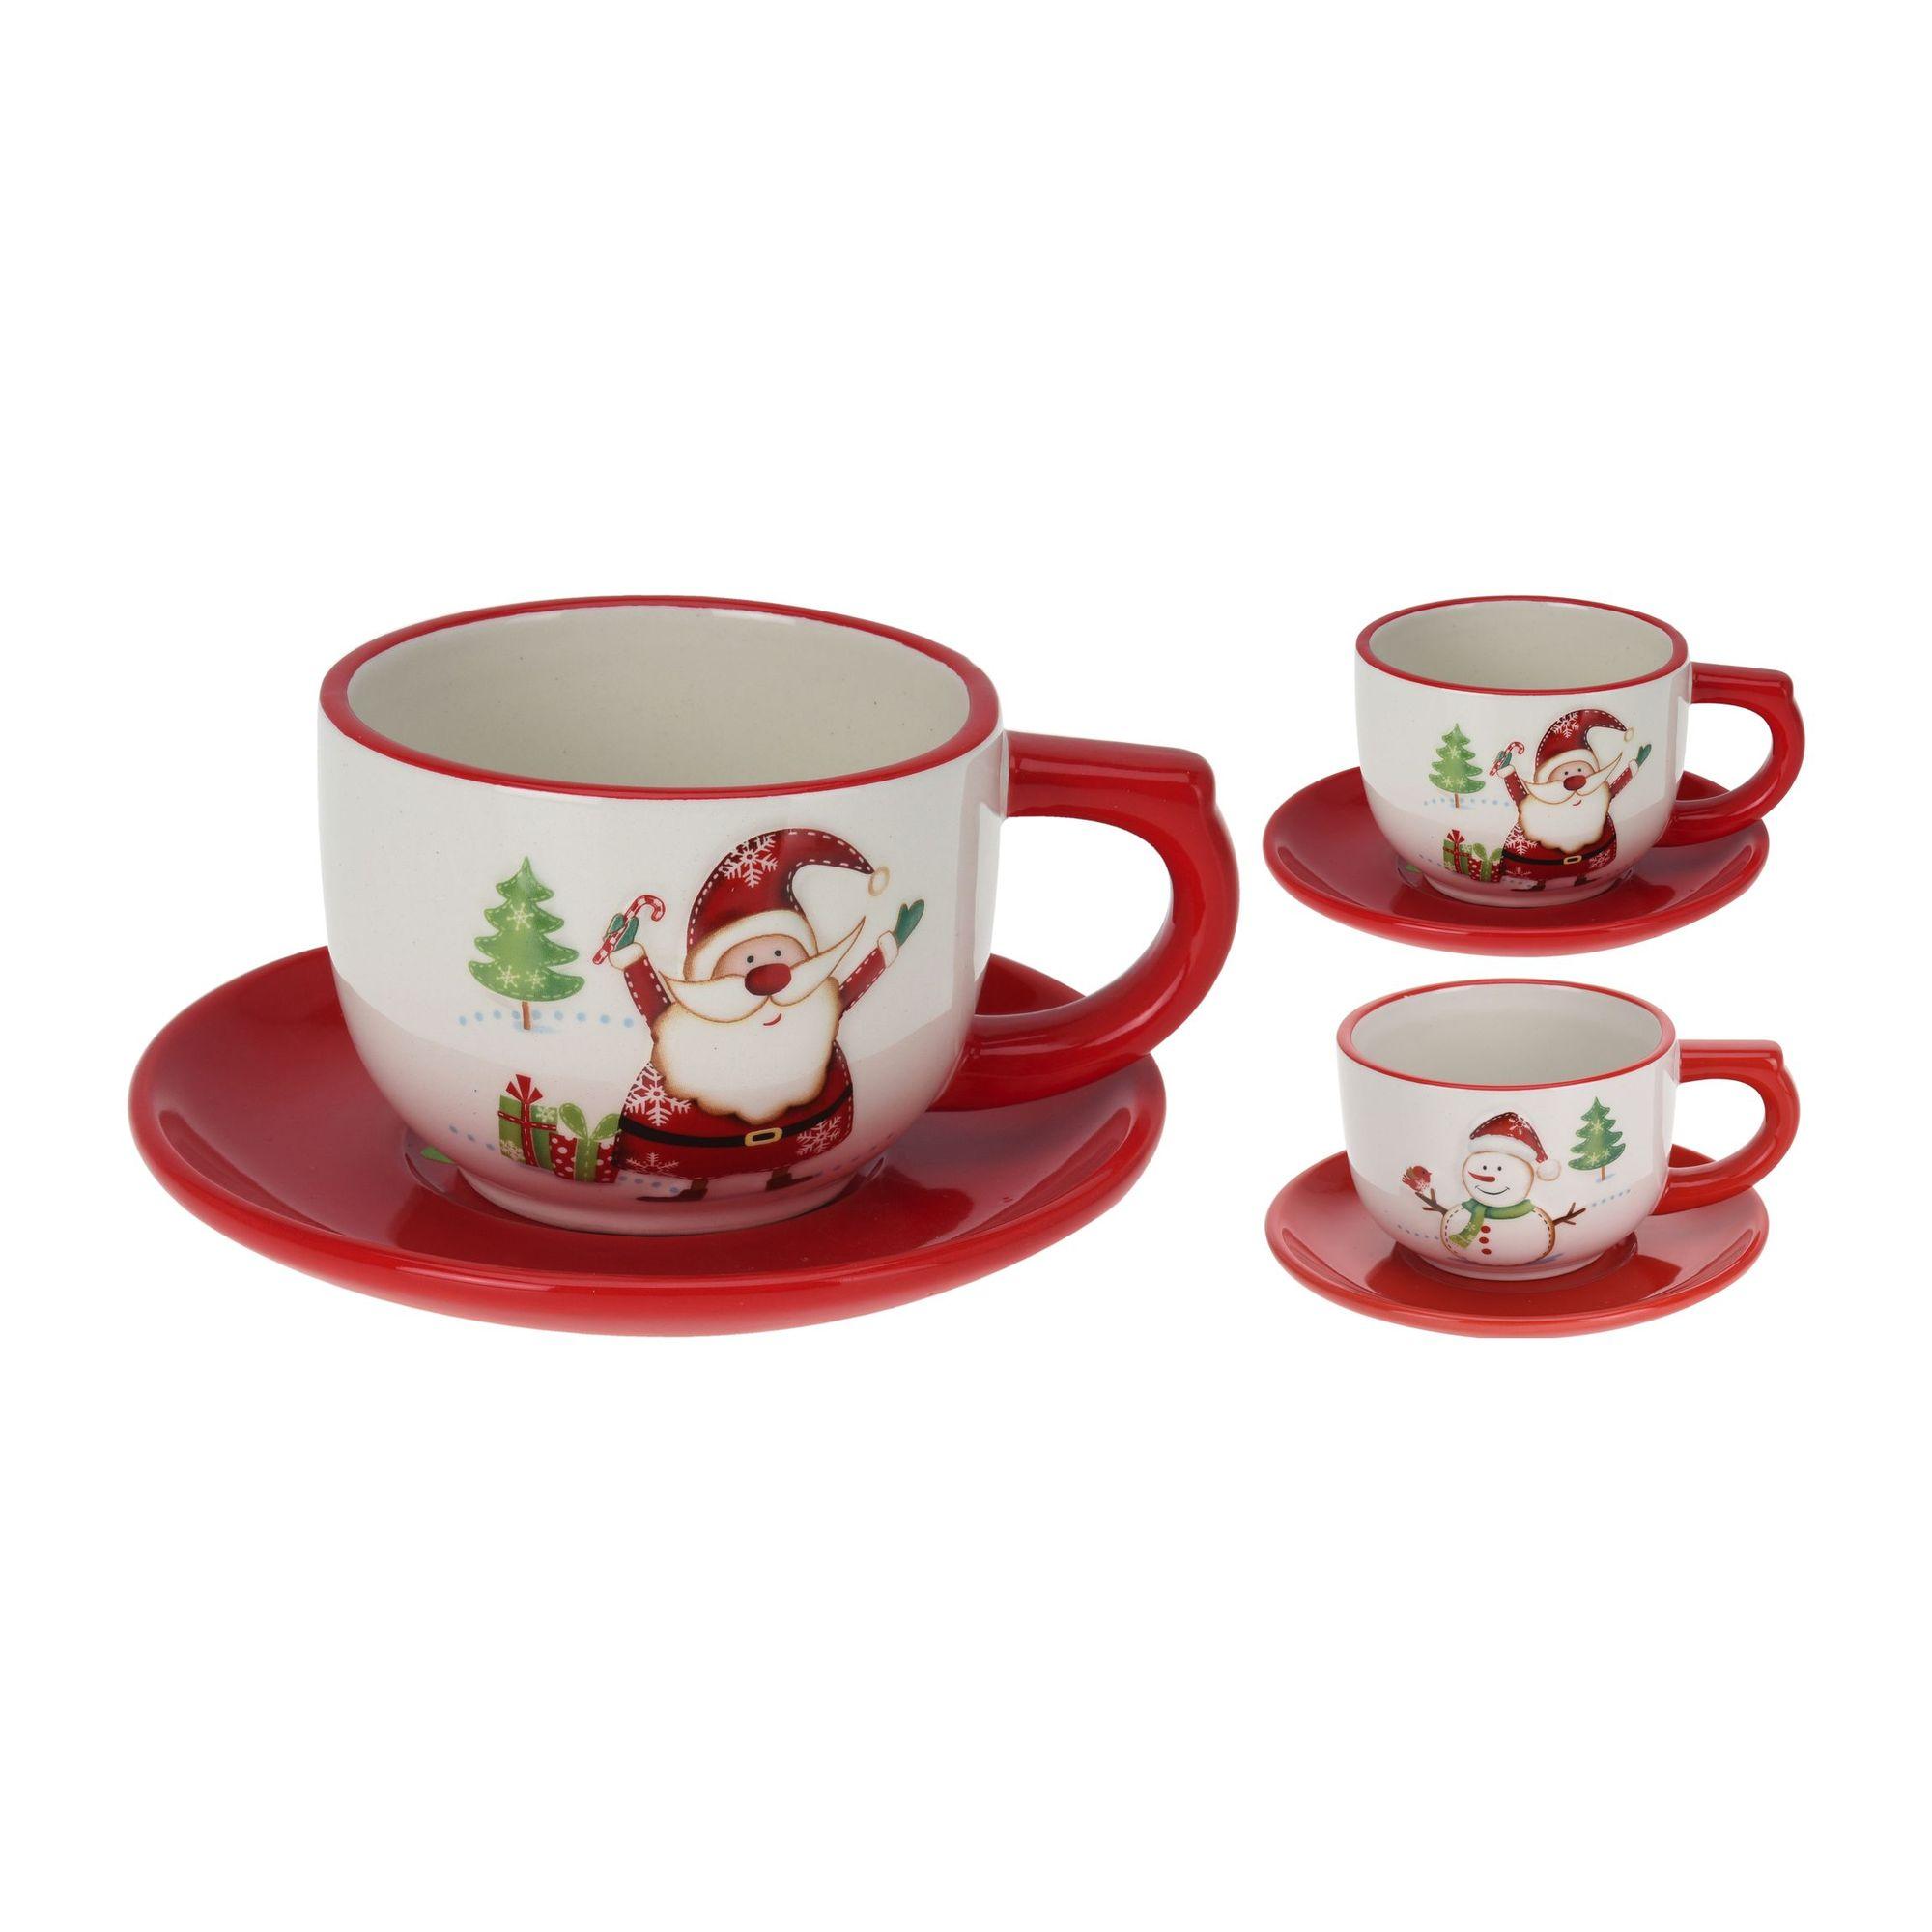 Пара чайная Санта и друзья в ассортименте<br>